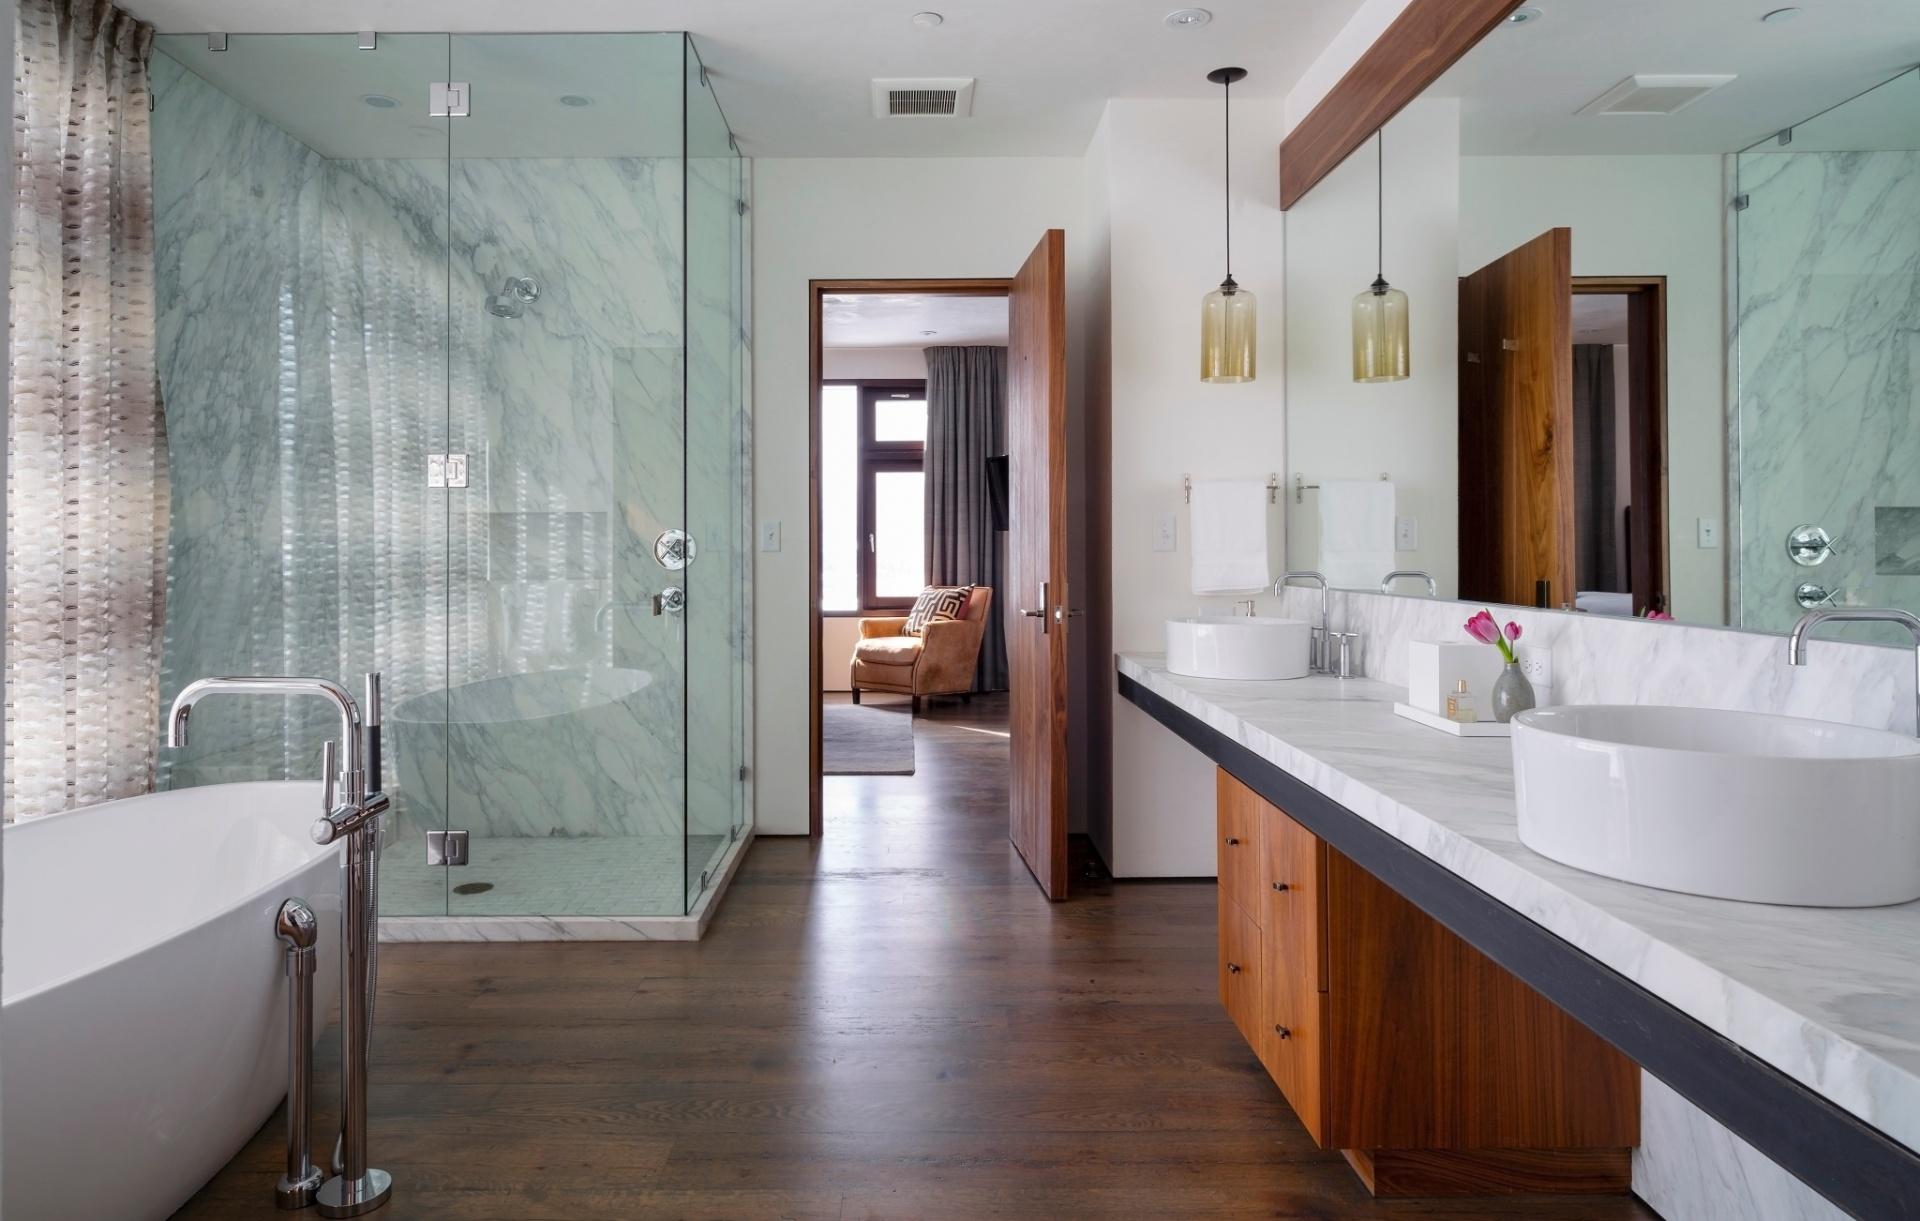 Madeira e mármore criam contraste no banheiro da suíte máster. Sobre a ampla bancada, um delicado pendente Bella Modern, da Niche, auxilia na iluminação (Imagem do NYT, usar apenas no respectivo material)